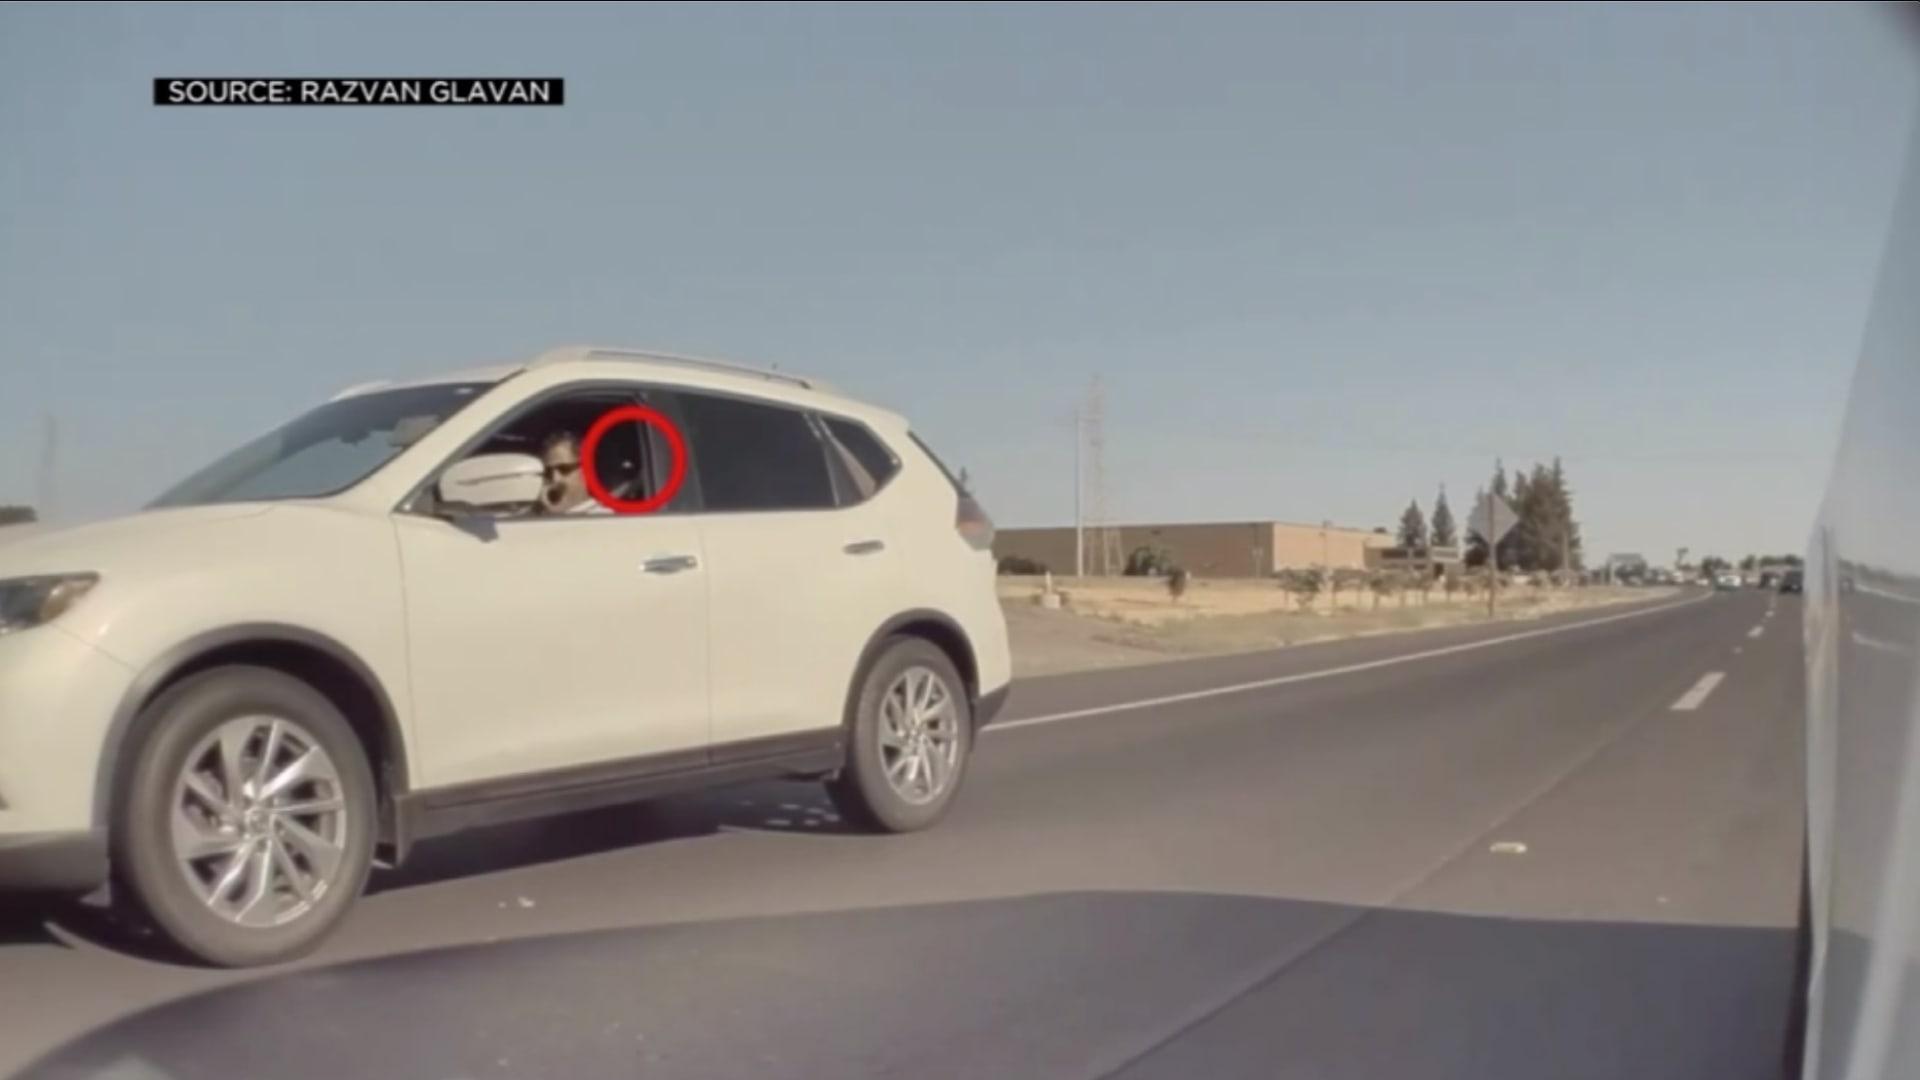 فيديو يُظهر سائقًا يطلق مقذوفًا من سيارته ويحطم زجاج سيارة أخرى